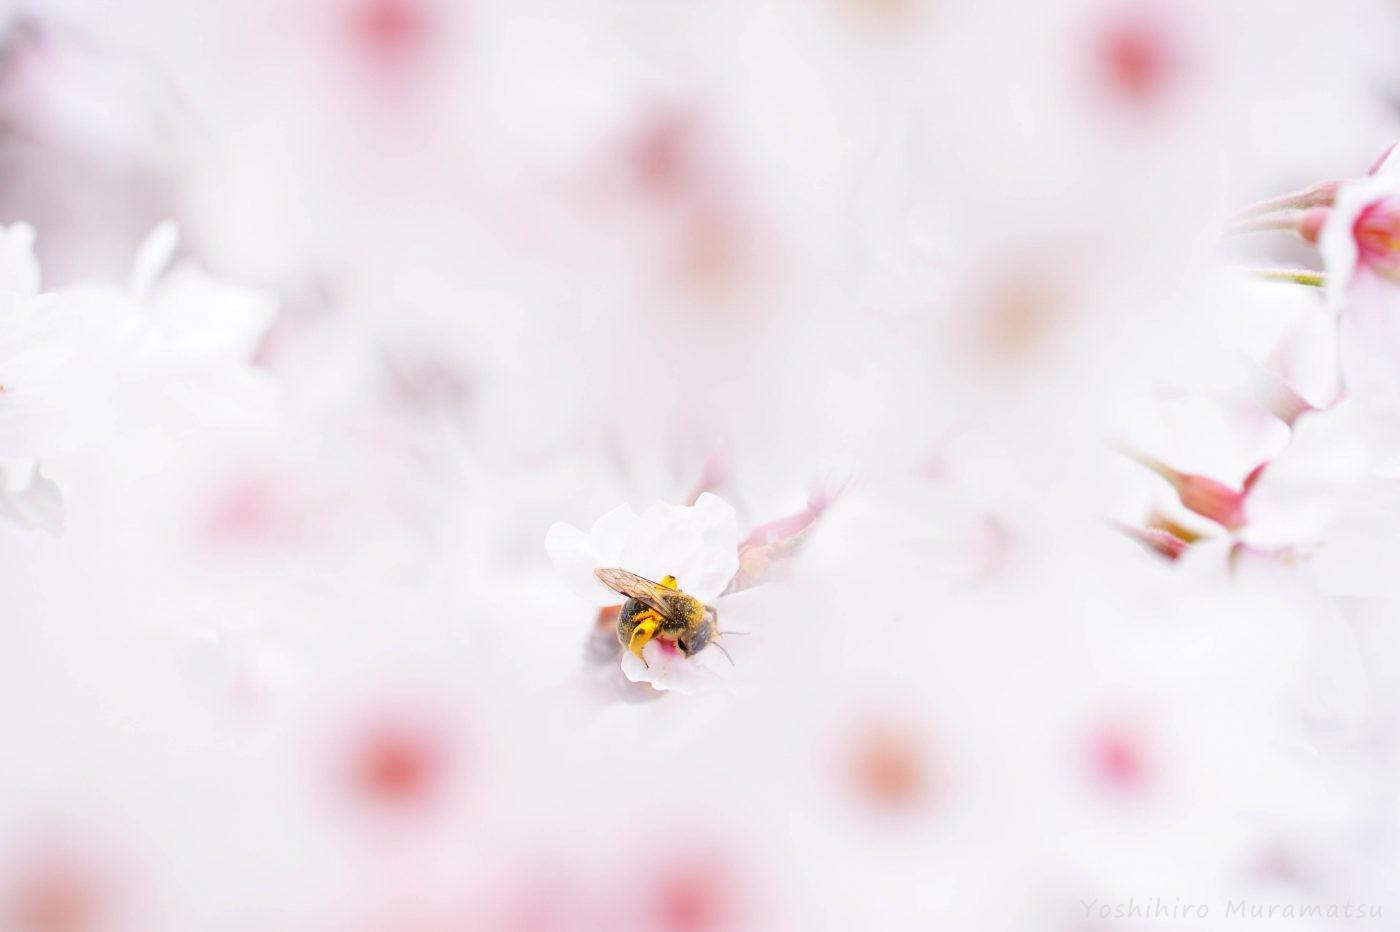 ヒメハナバチの一種